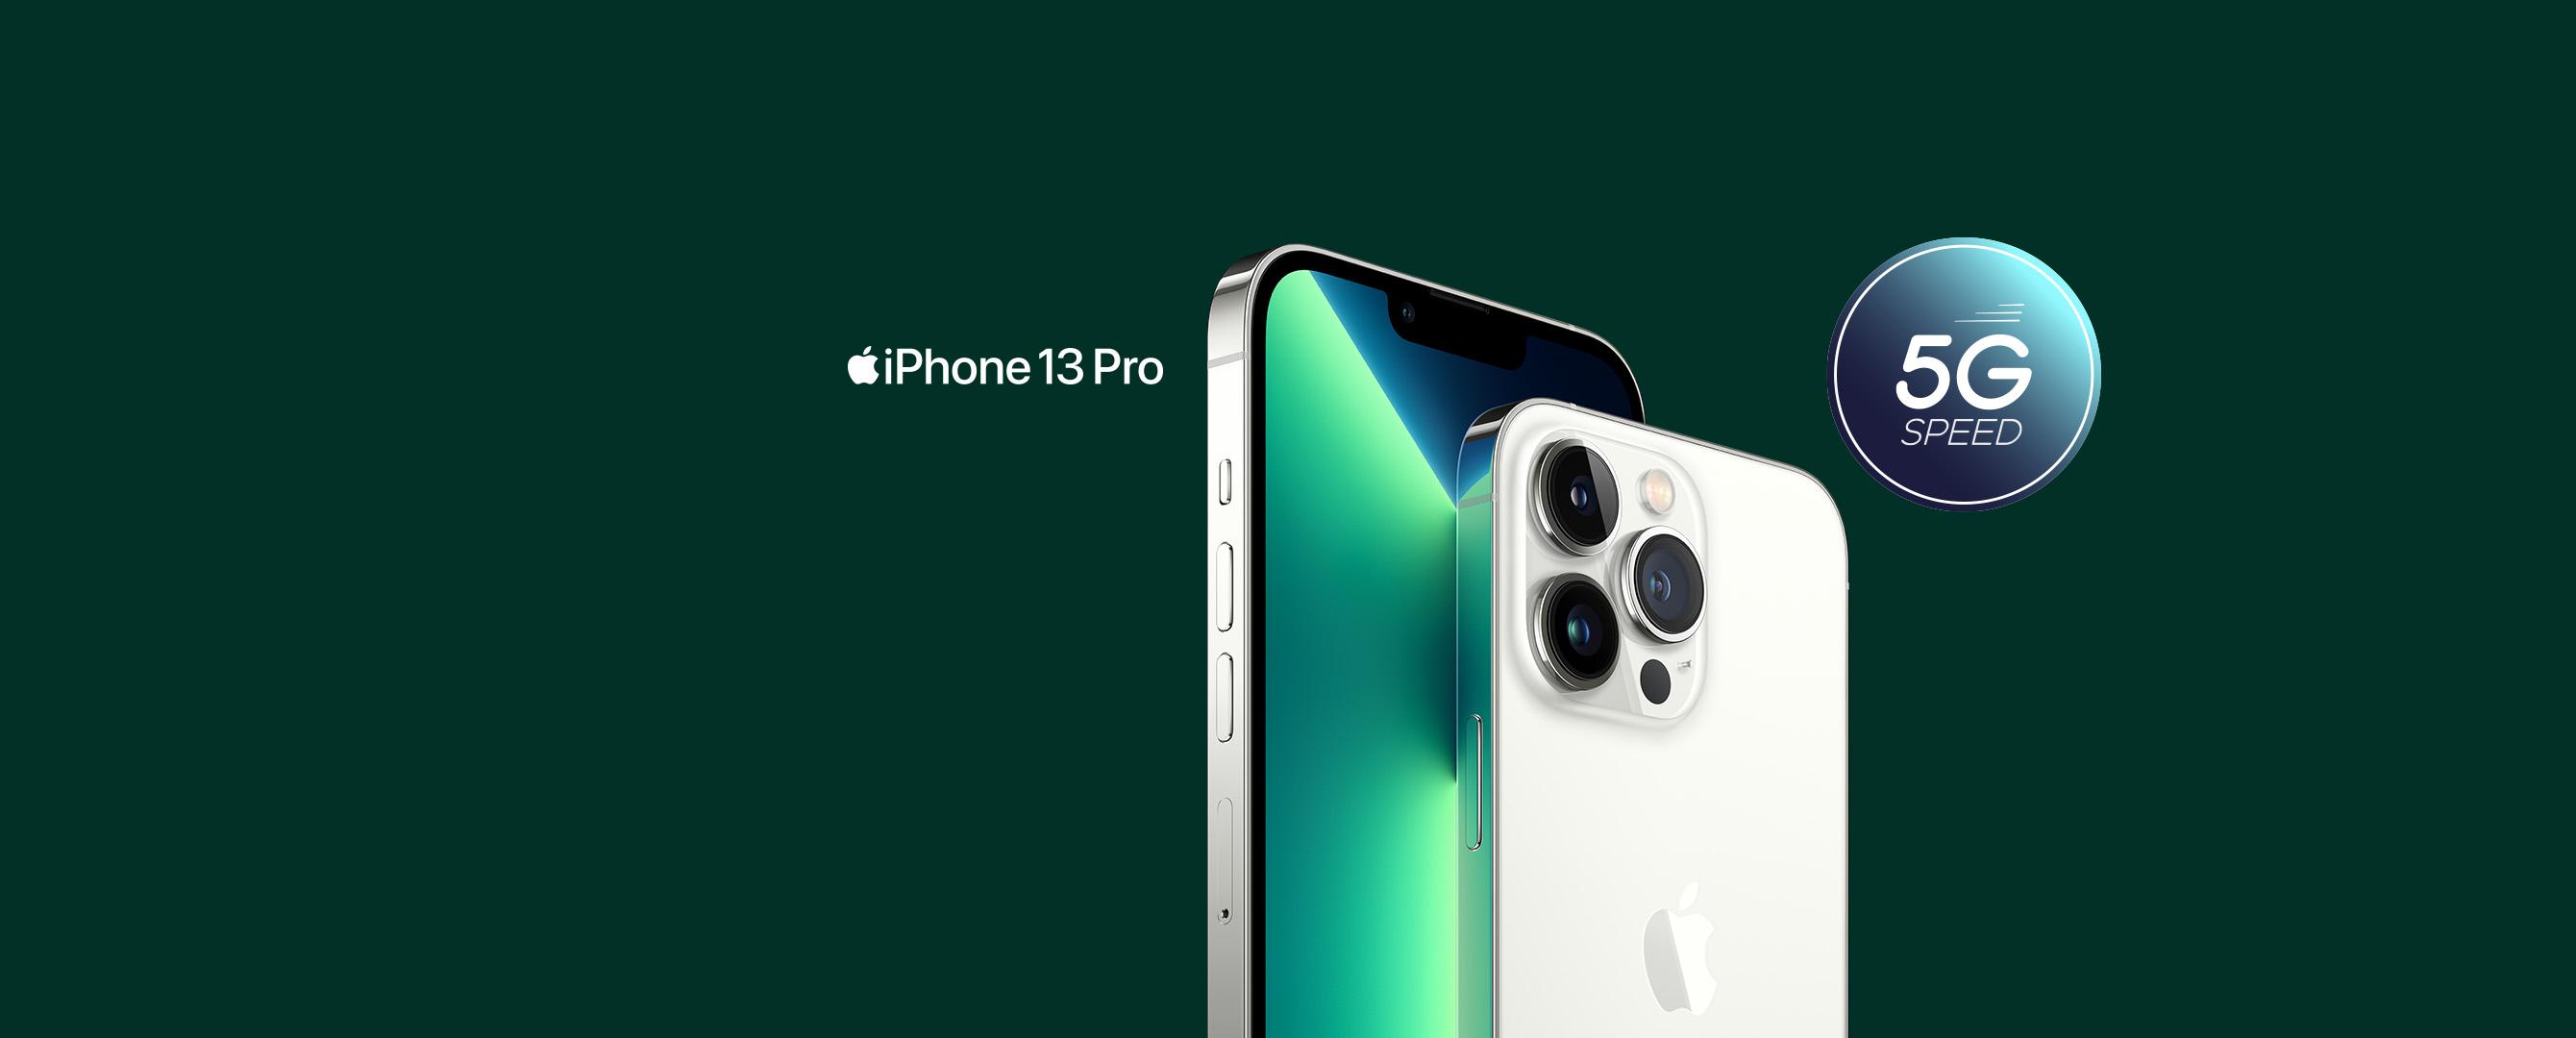 Køb iPhone 13 Pro med Flex din mobil